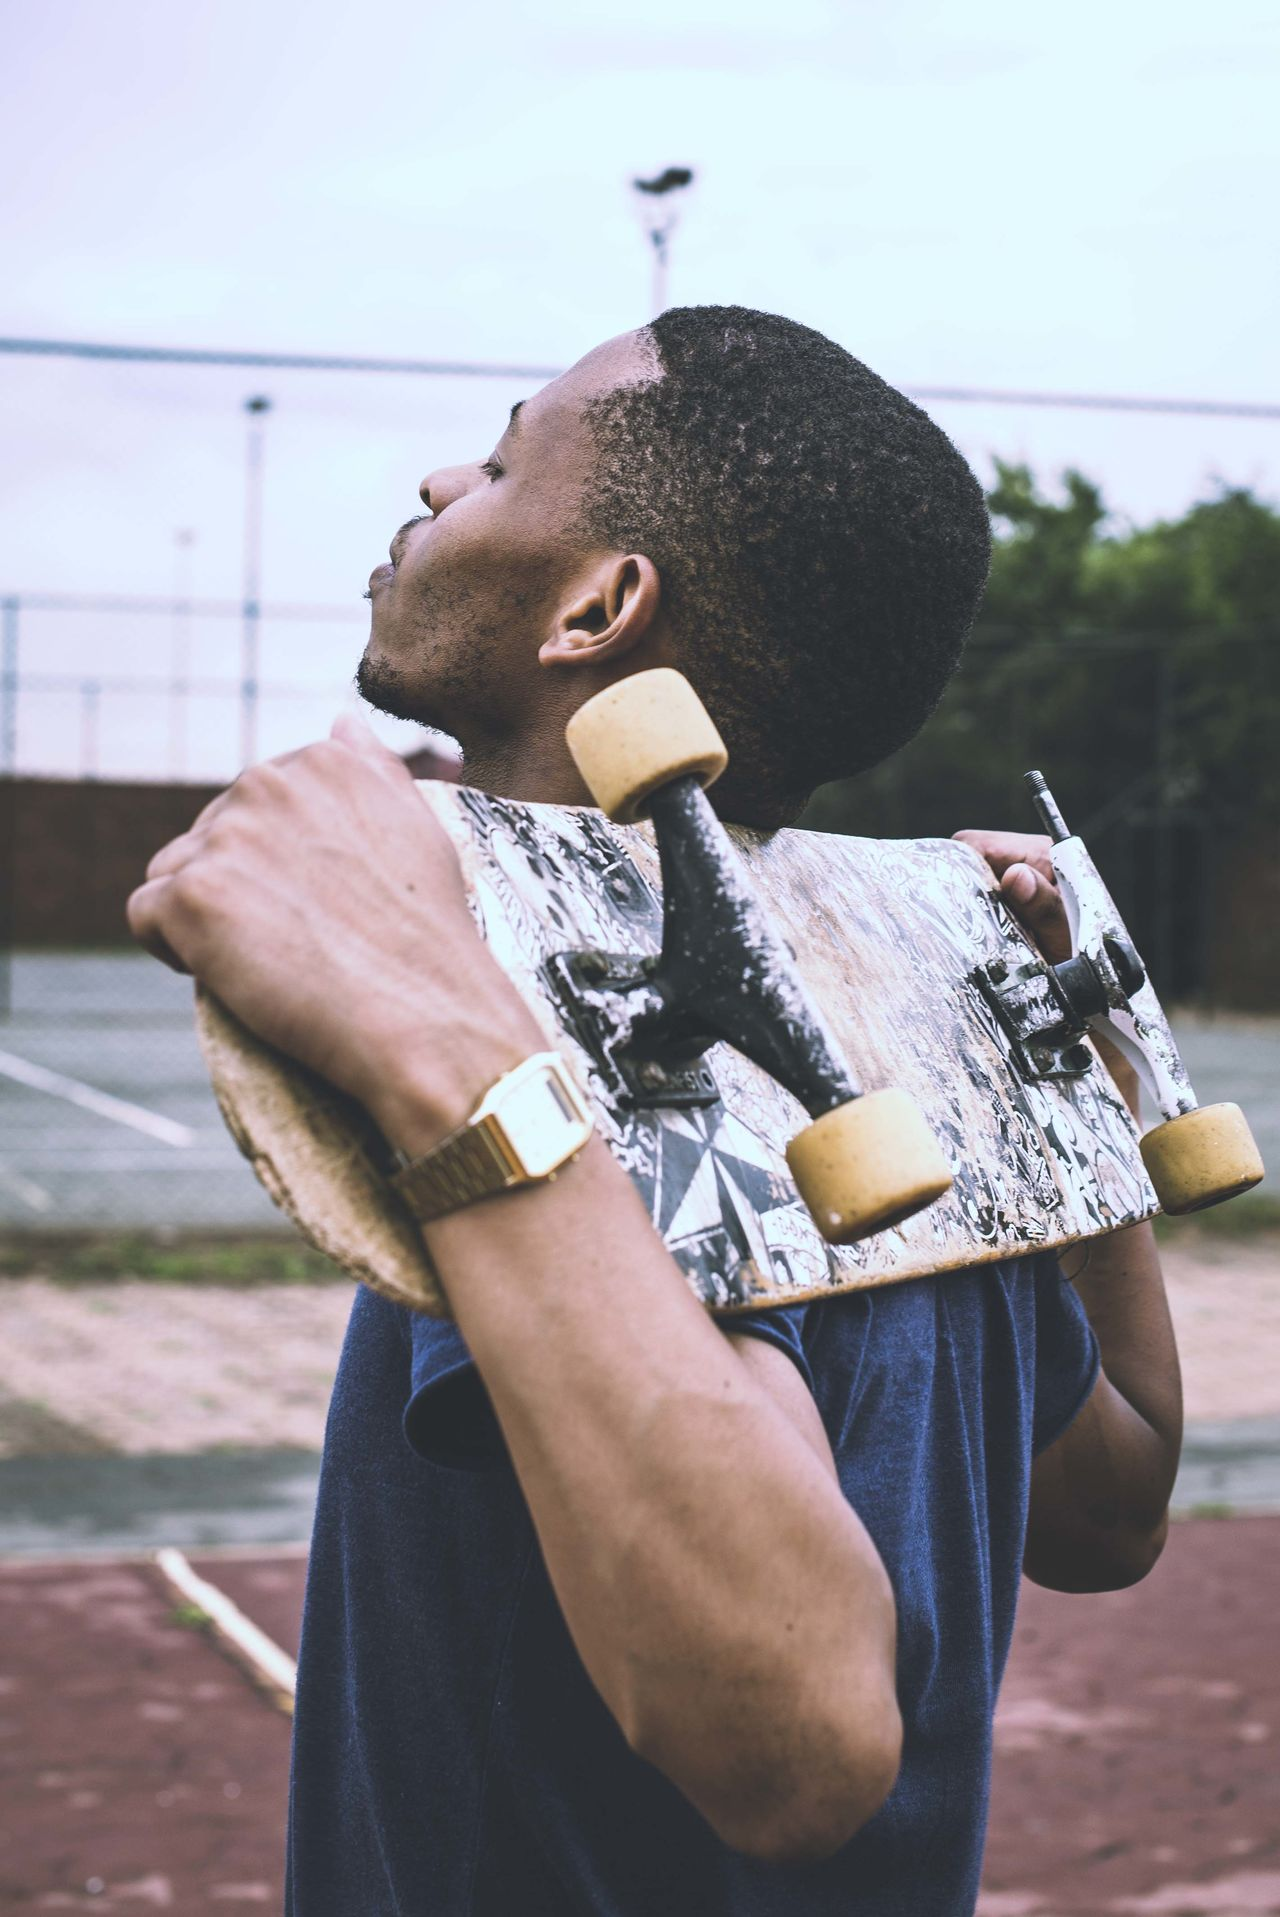 Portrait Black Guy Skateboard Sky Court Photography